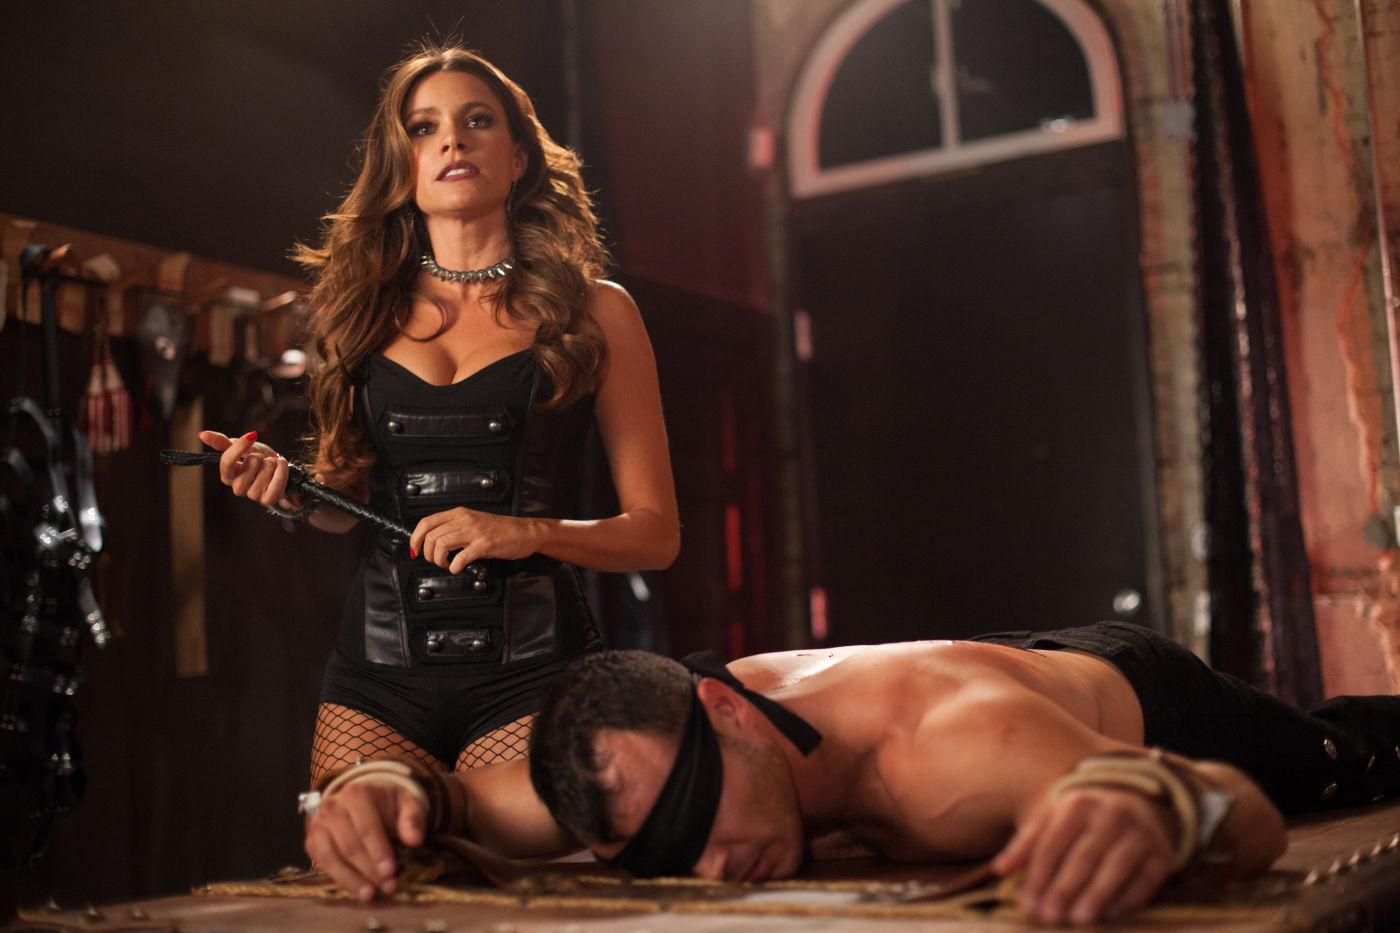 sexe amayeur slaaf zoekt meesteres